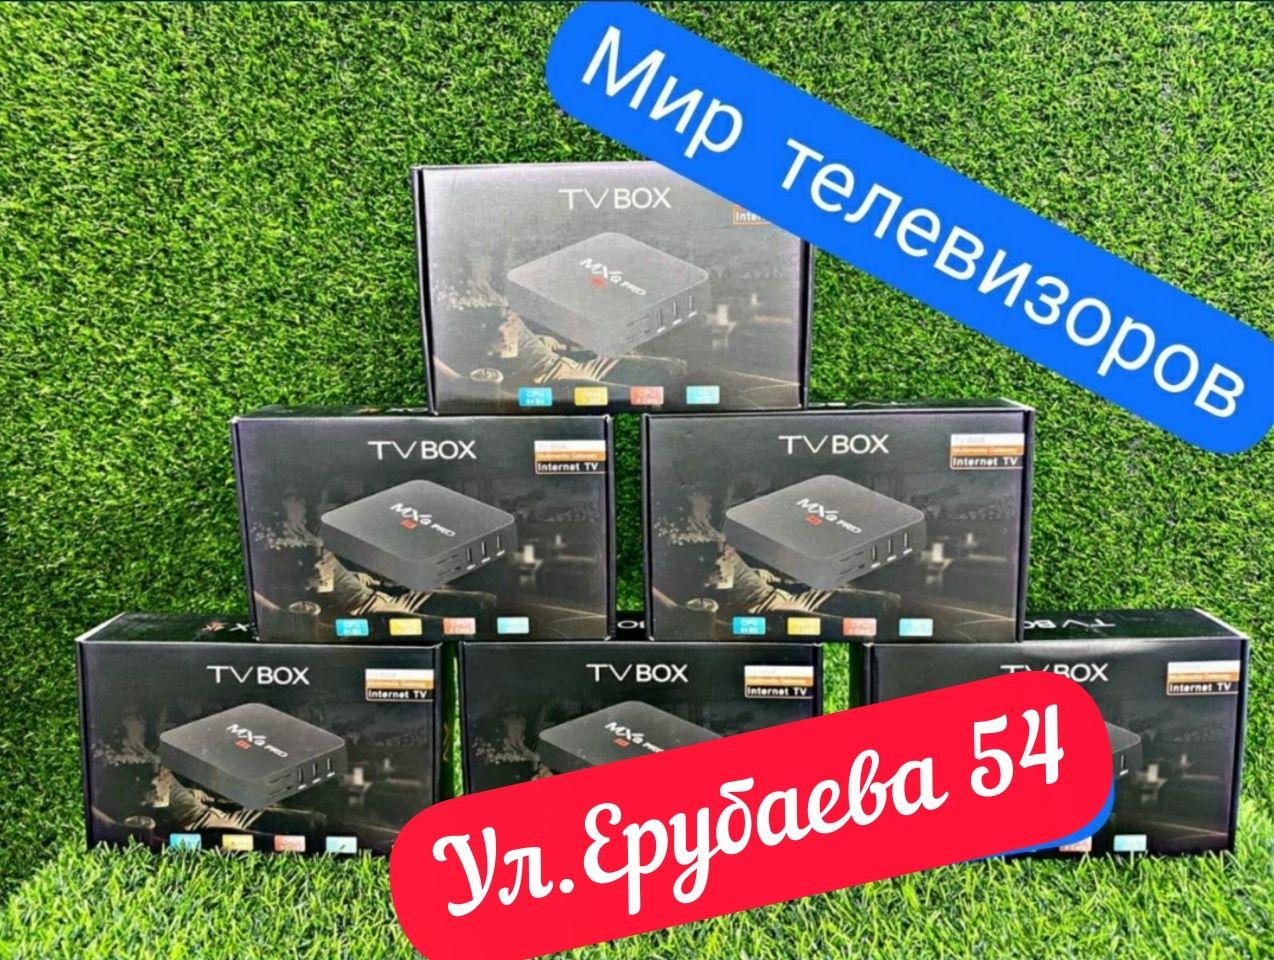 TV BOX смарт тв бокс из обычного вы можно сделать смарт новые успей ку